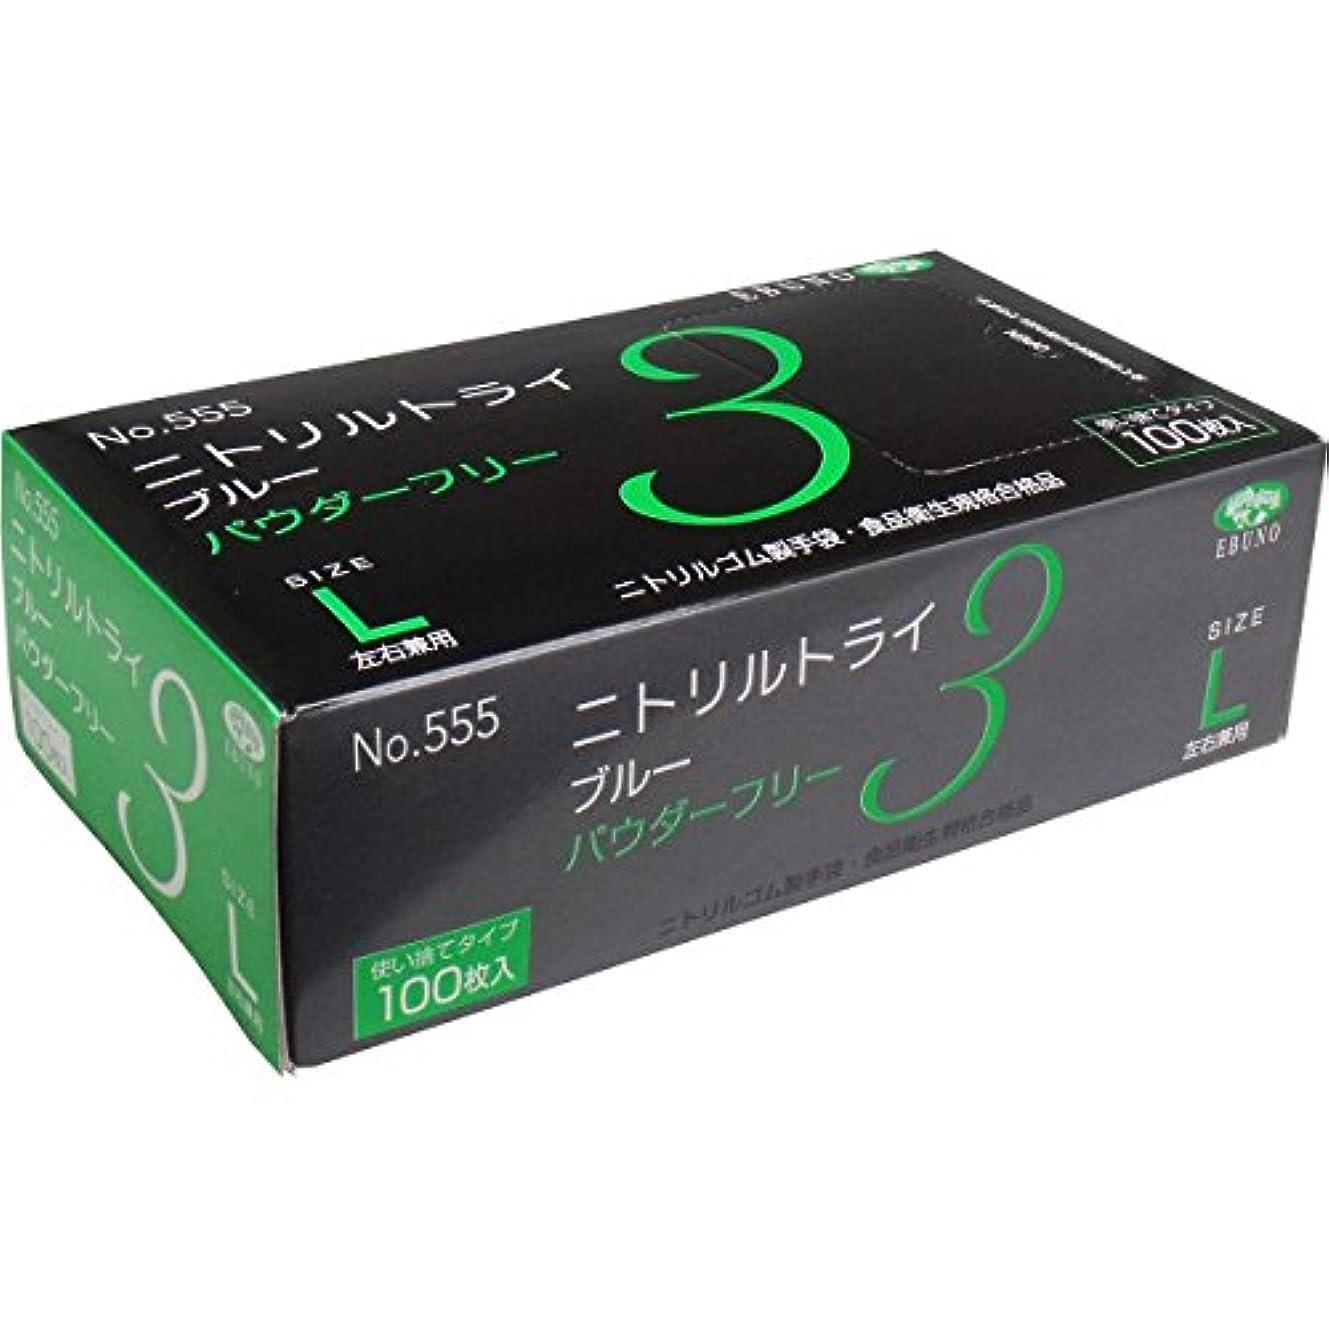 倫理的アピール戦略ニトリルトライ3 手袋 ブルー パウダーフリー Lサイズ 100枚入(単品)